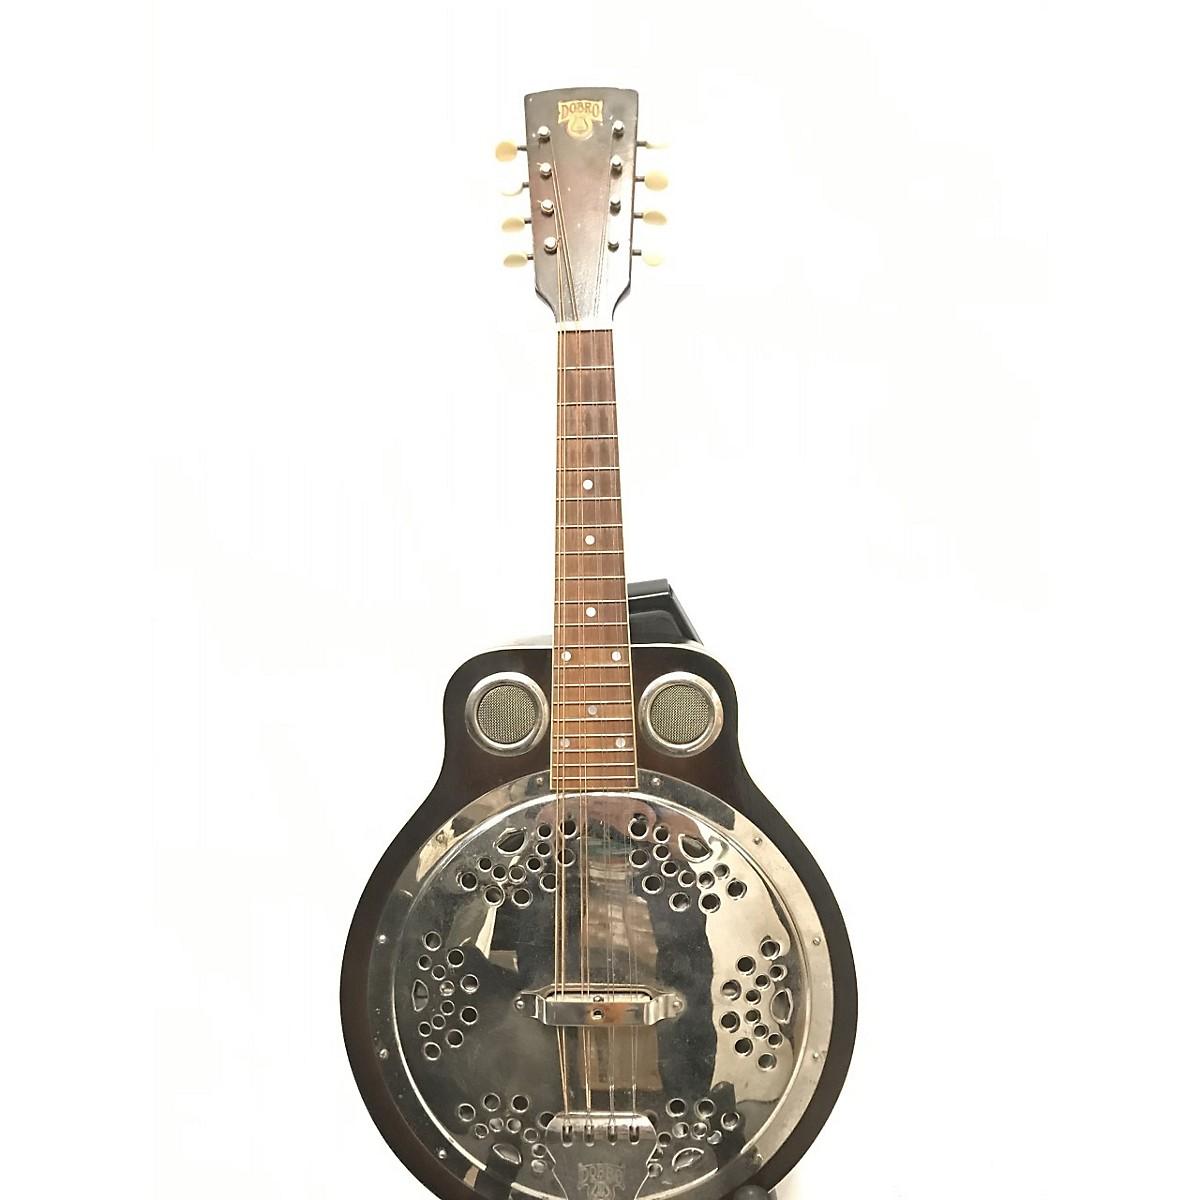 Dobro 1936 1936 Dobro #60/210 Mandolin Mandolin